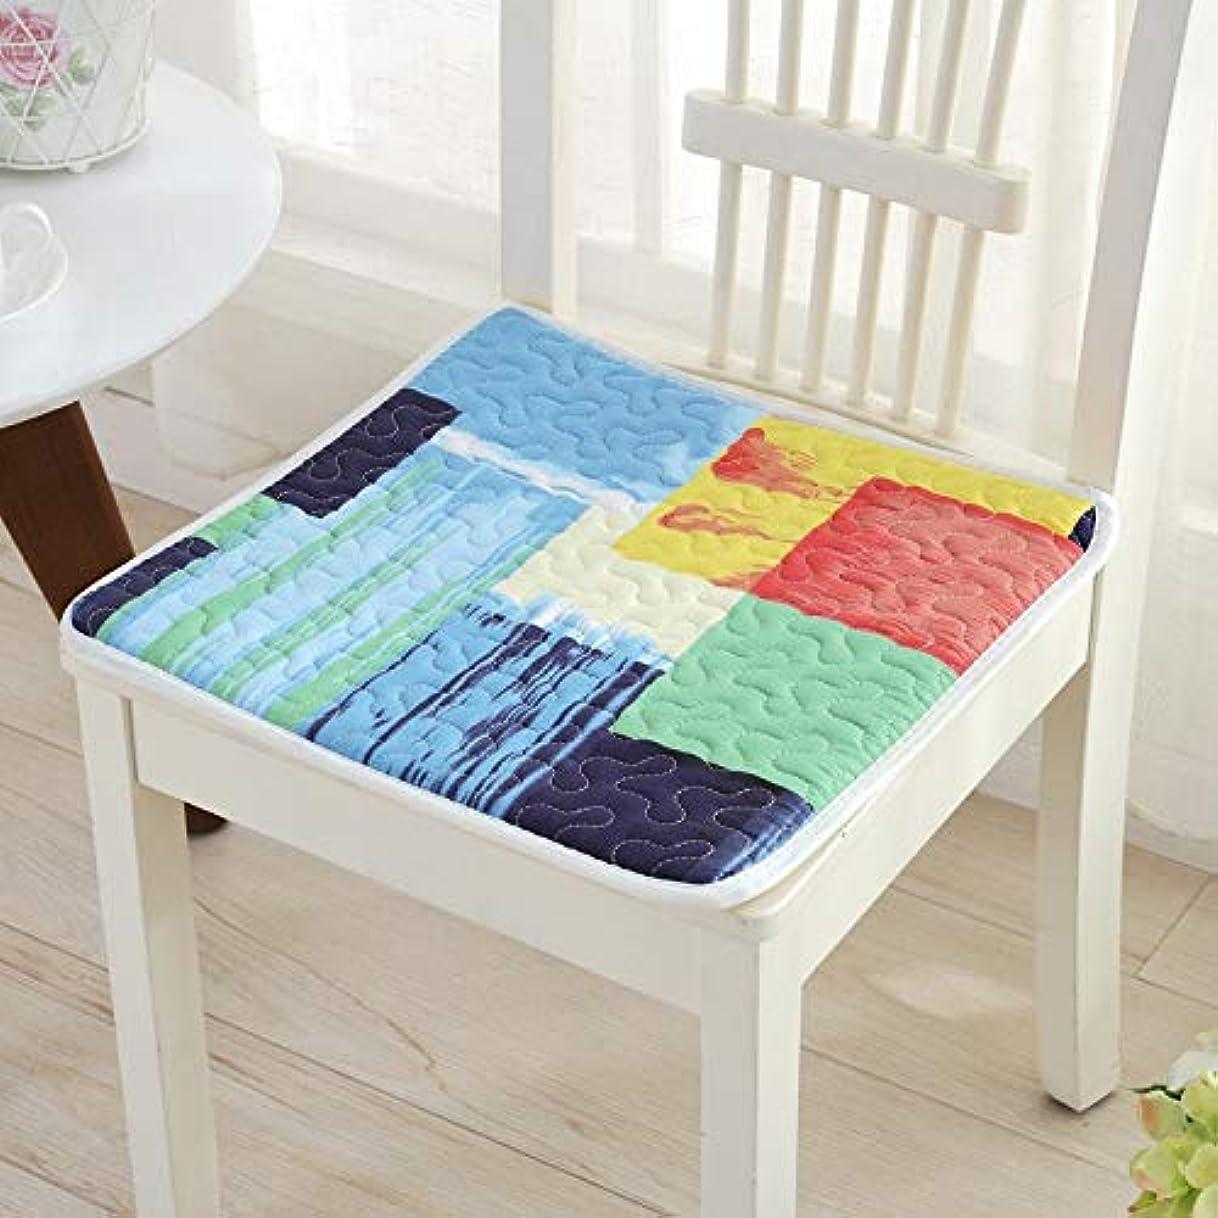 実装する威する特定のLIFE 現代スーパーソフト椅子クッション非スリップシートクッションマットソファホームデコレーションバッククッションチェアパッド 40*40/45*45/50*50 センチメートル クッション 椅子